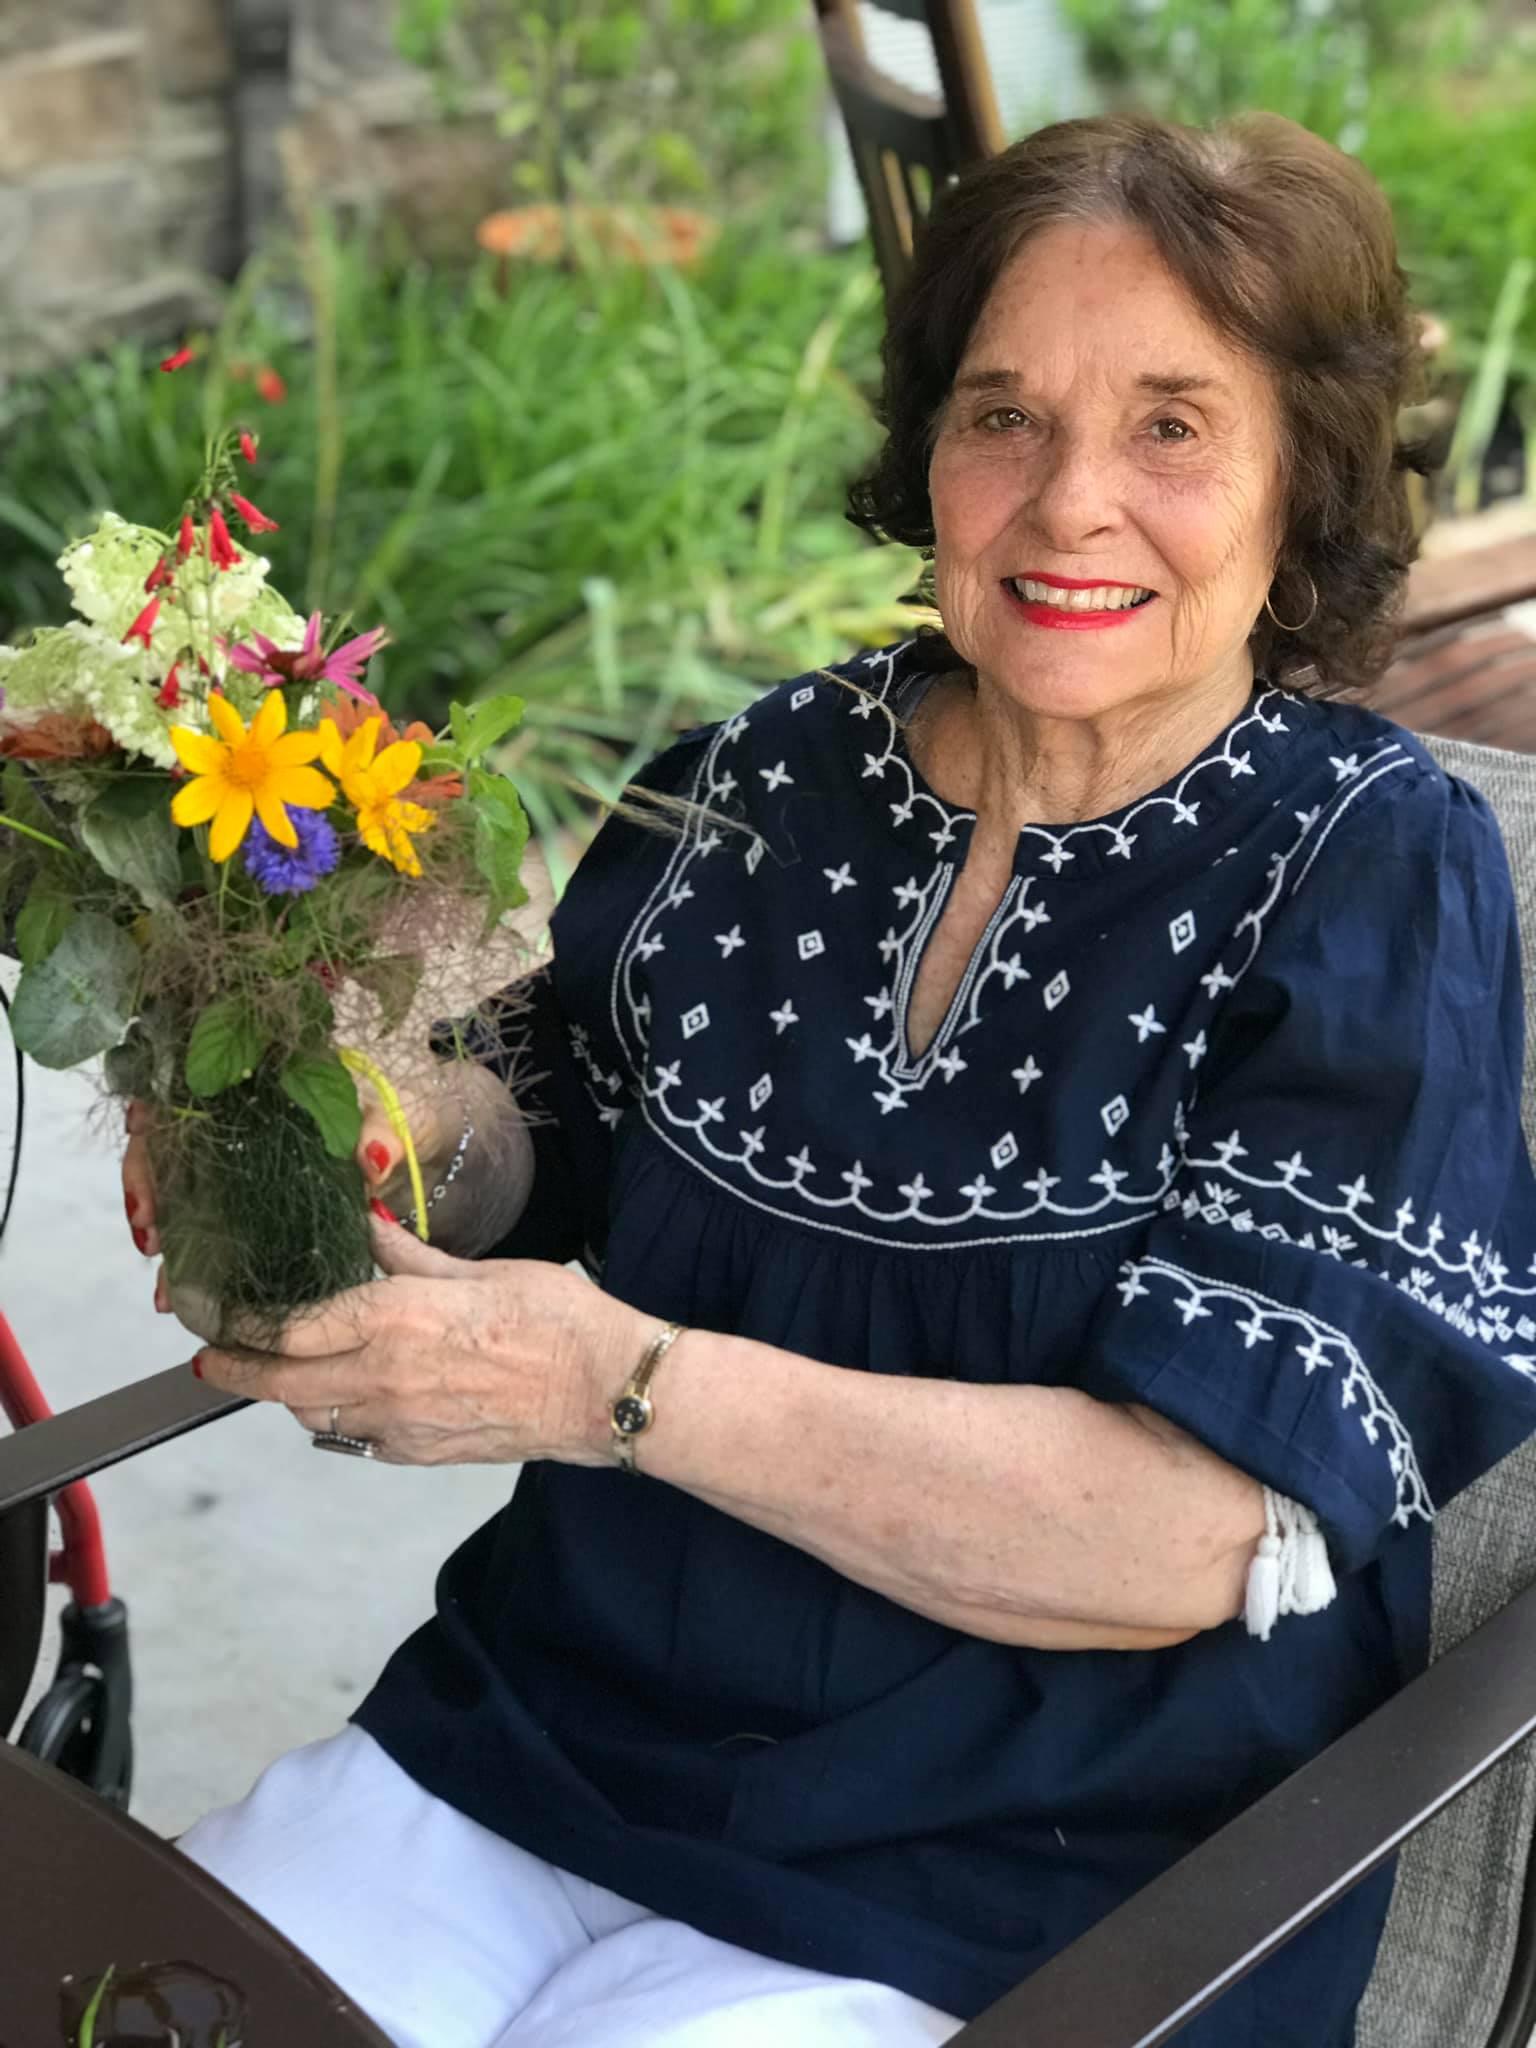 Gardening Phyllis.jpg